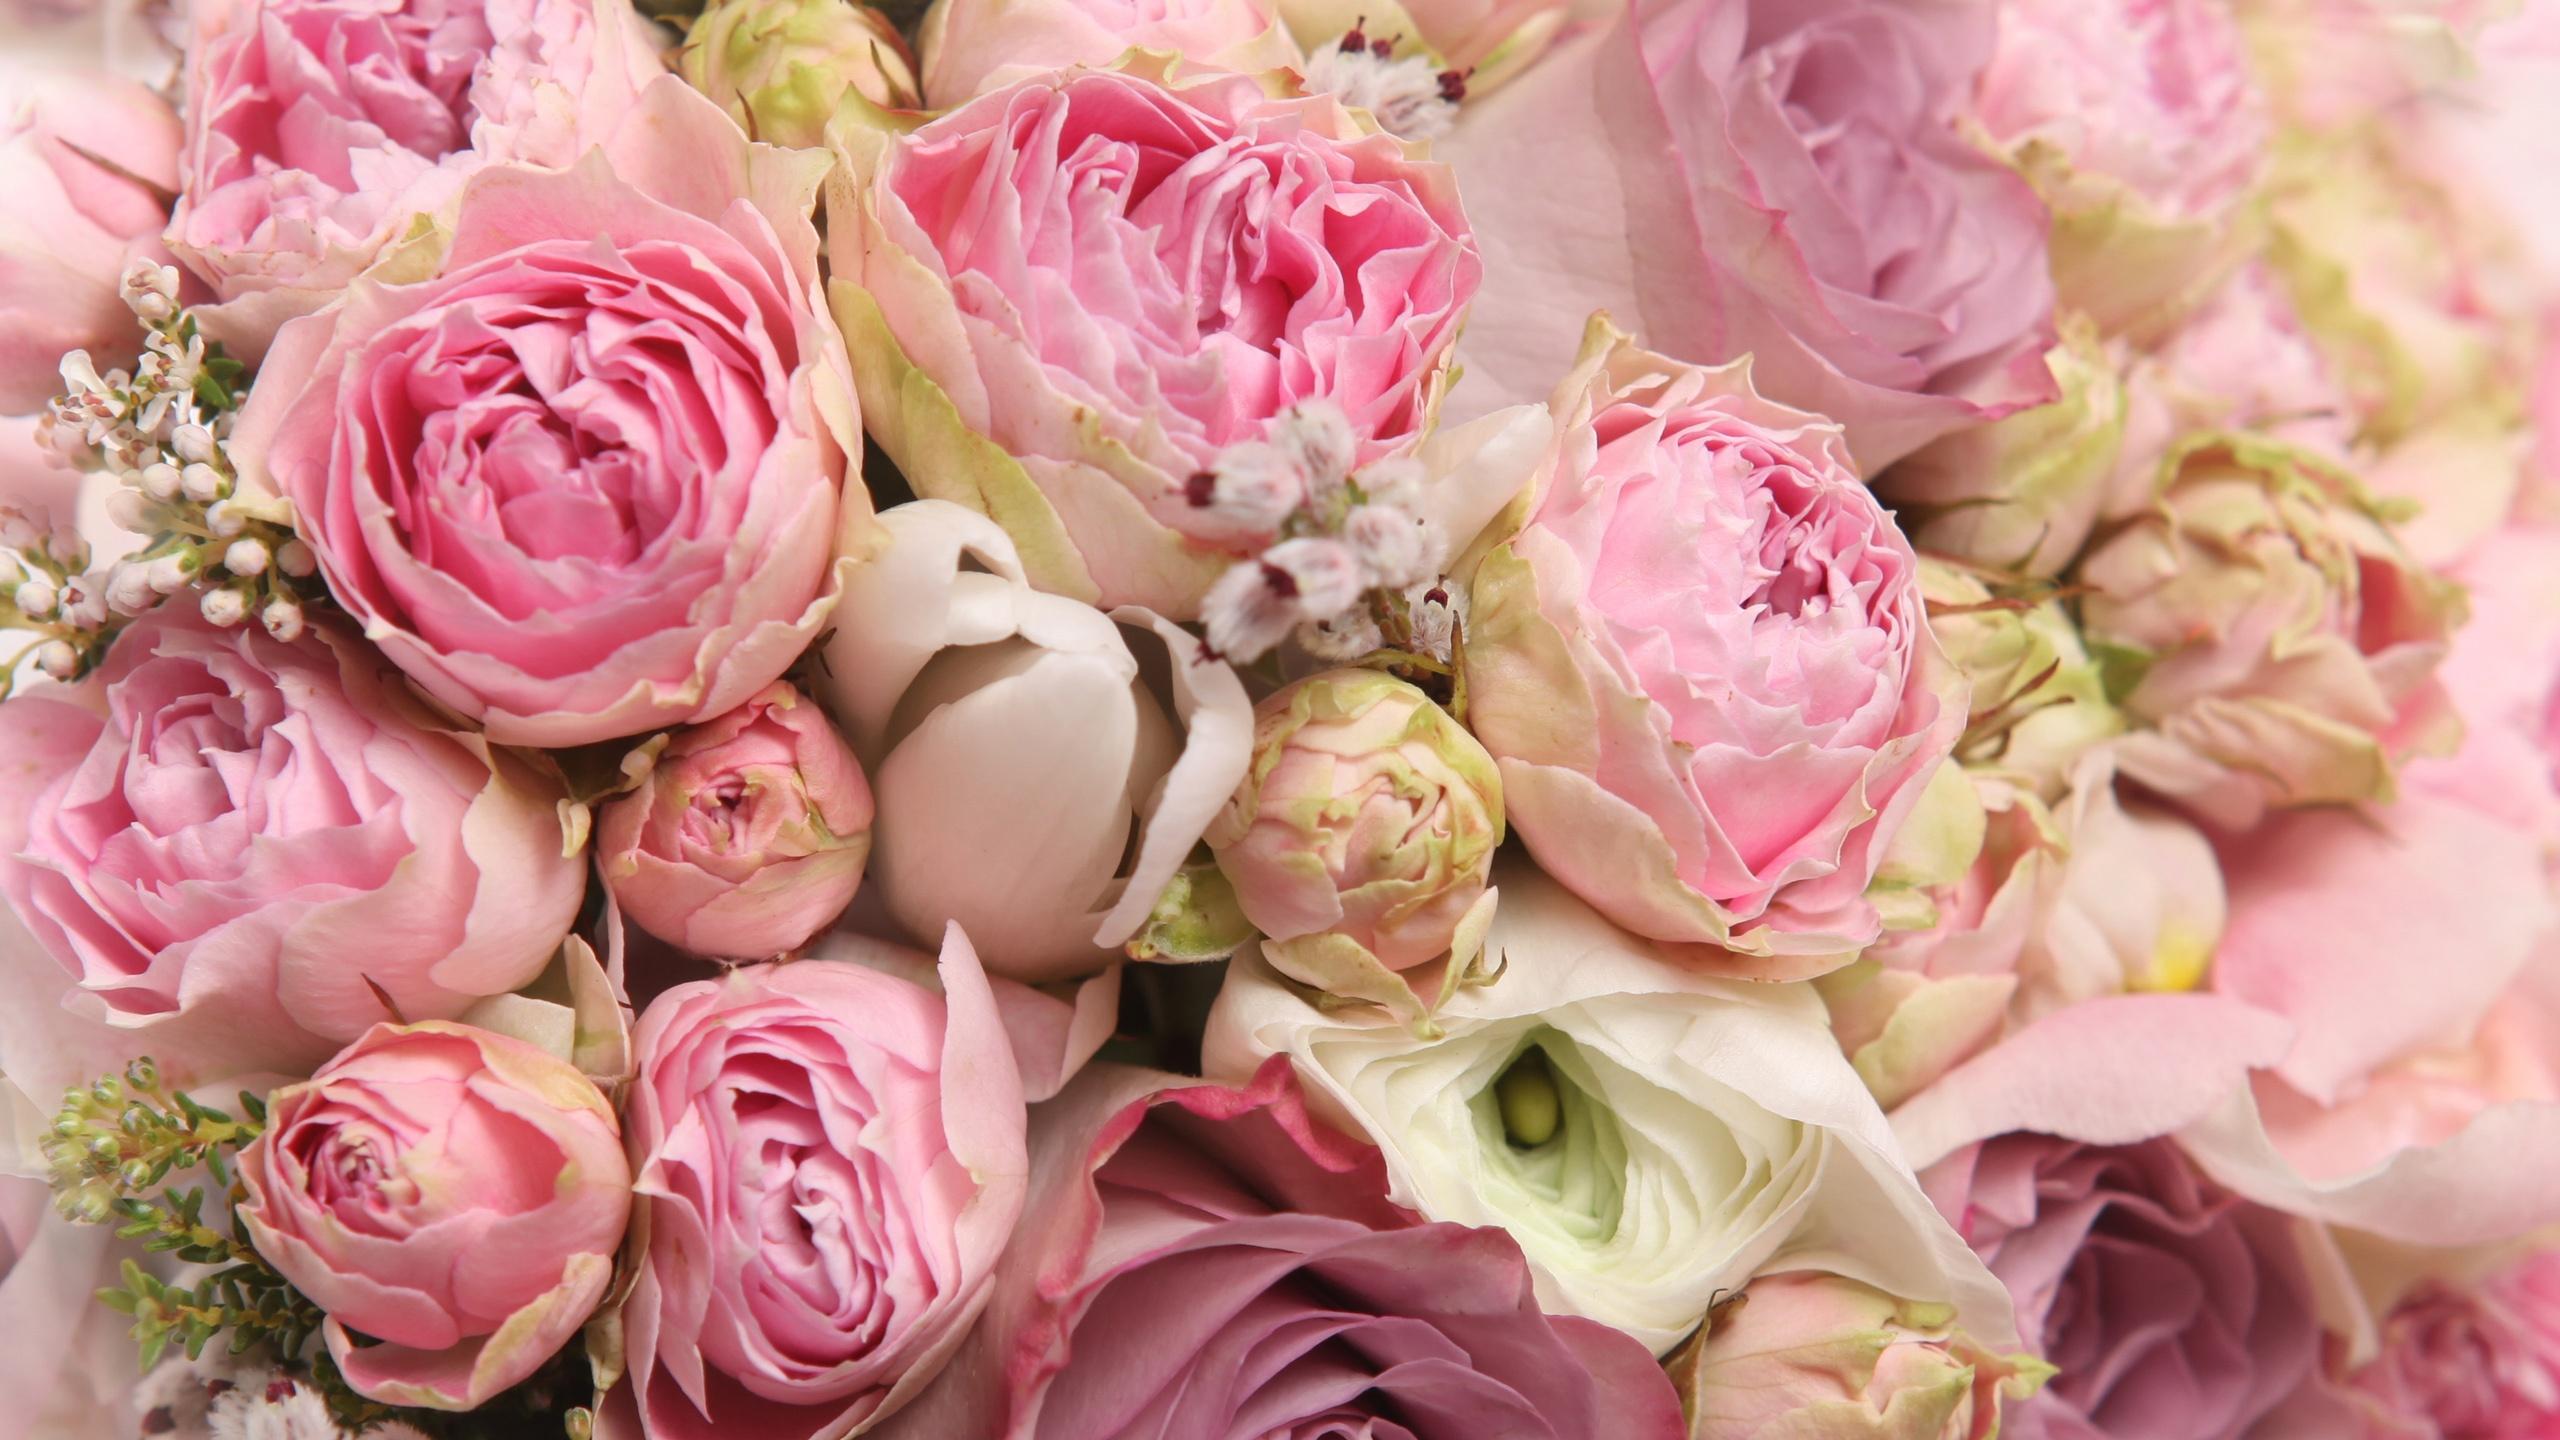 Rose Beautiful Rose Wallpaper Flowers - HD Wallpaper